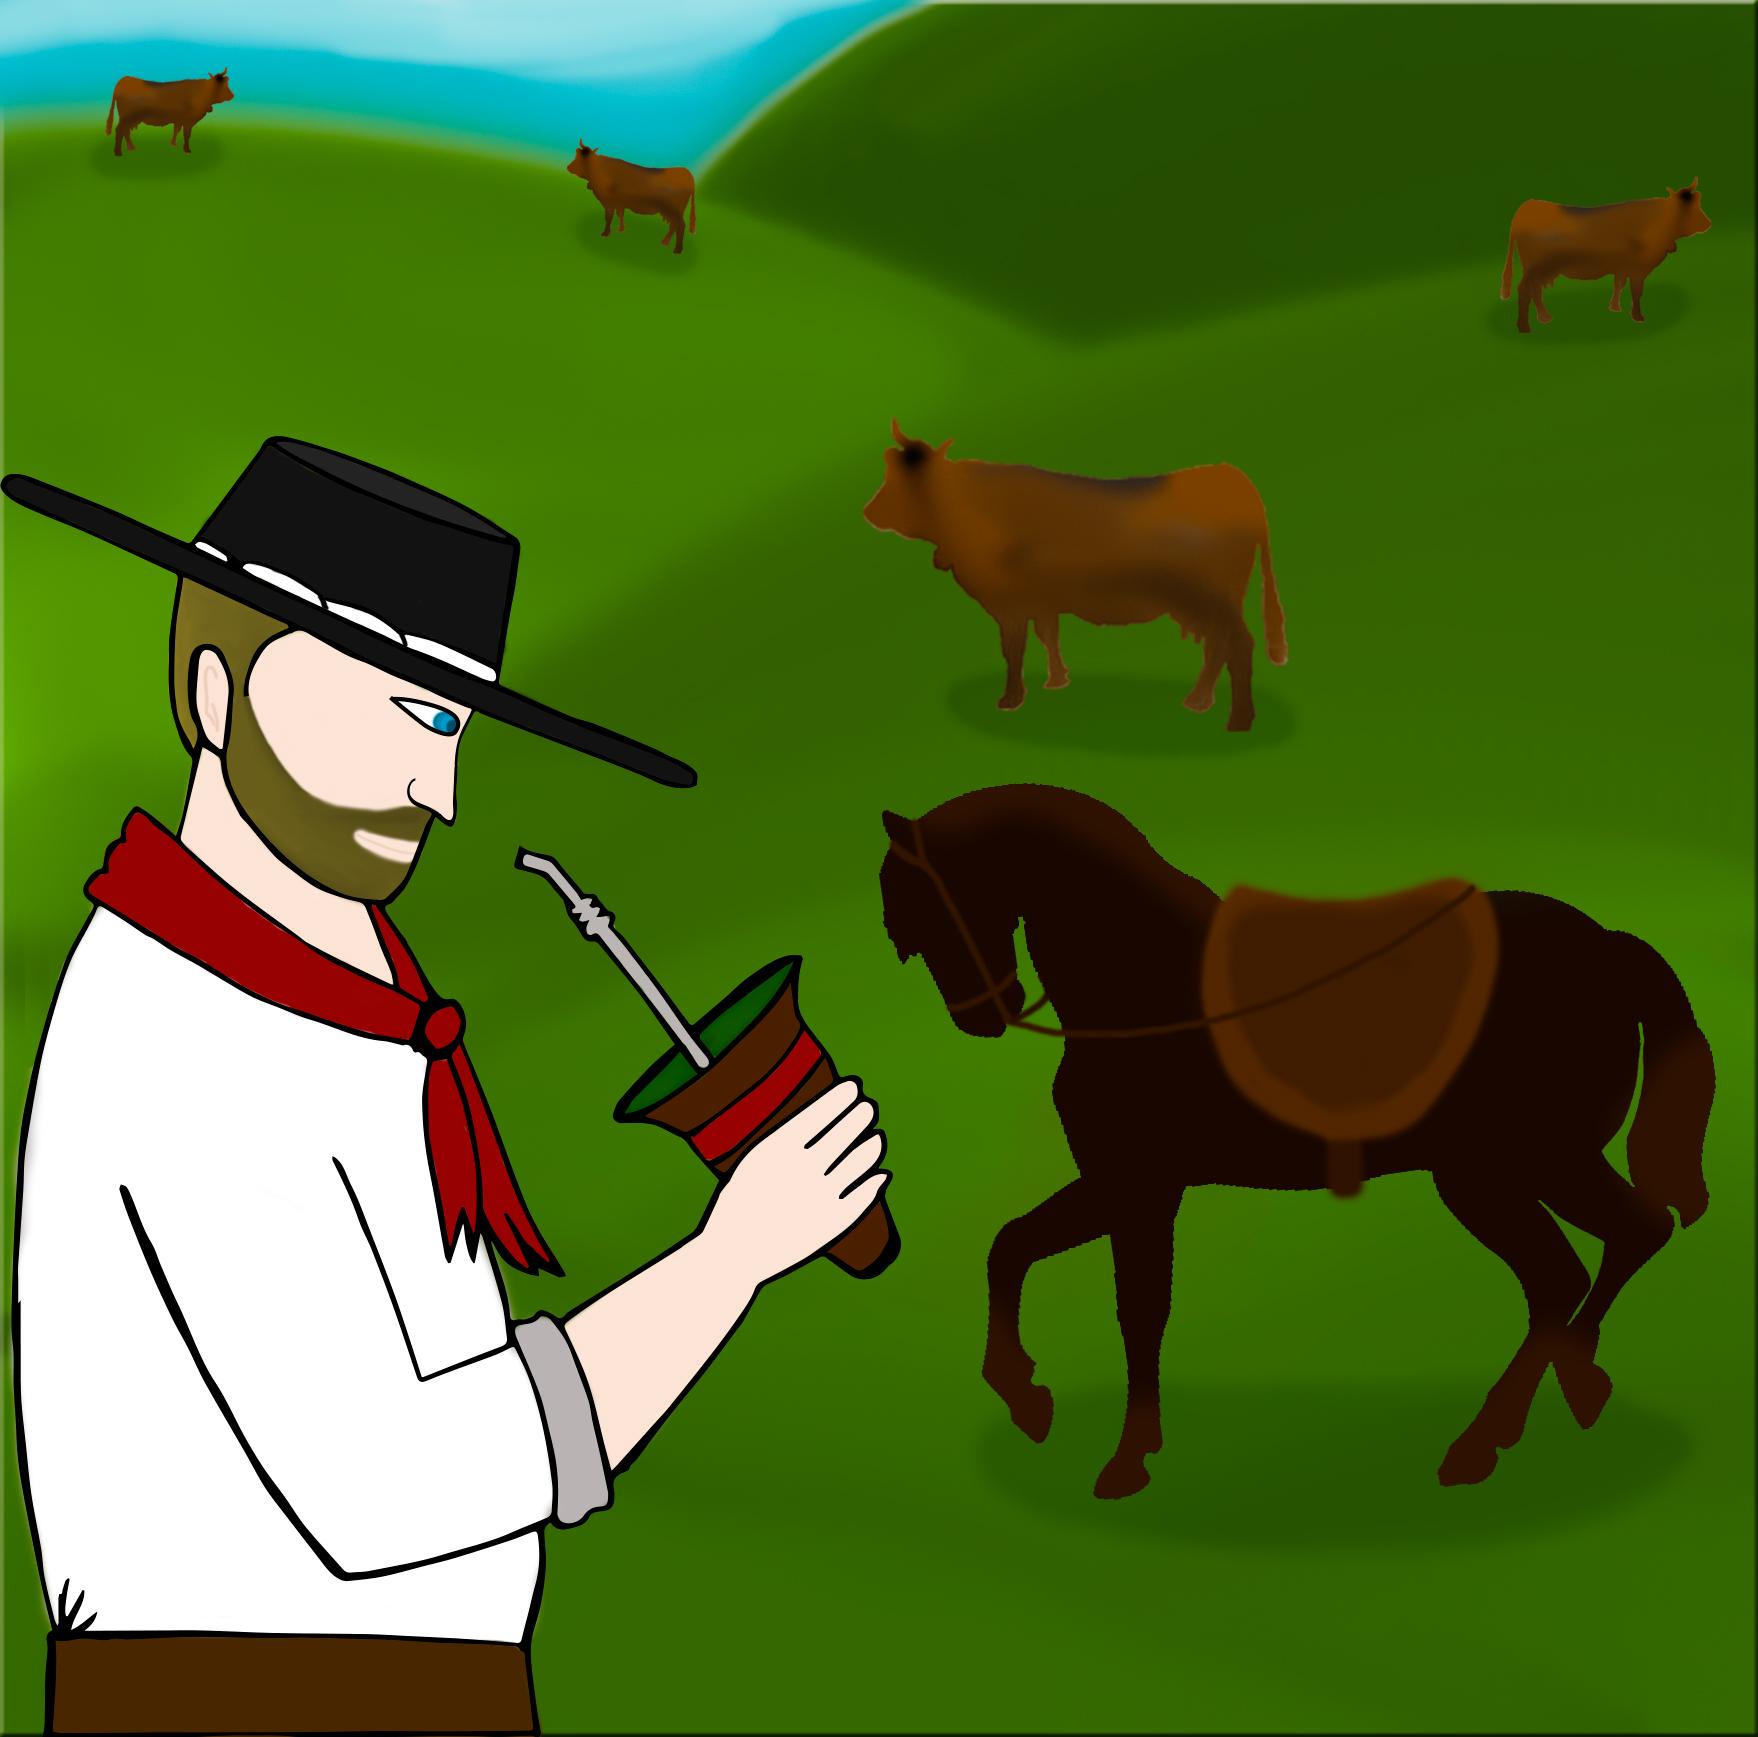 ilustração de gaúcho com chimarrão